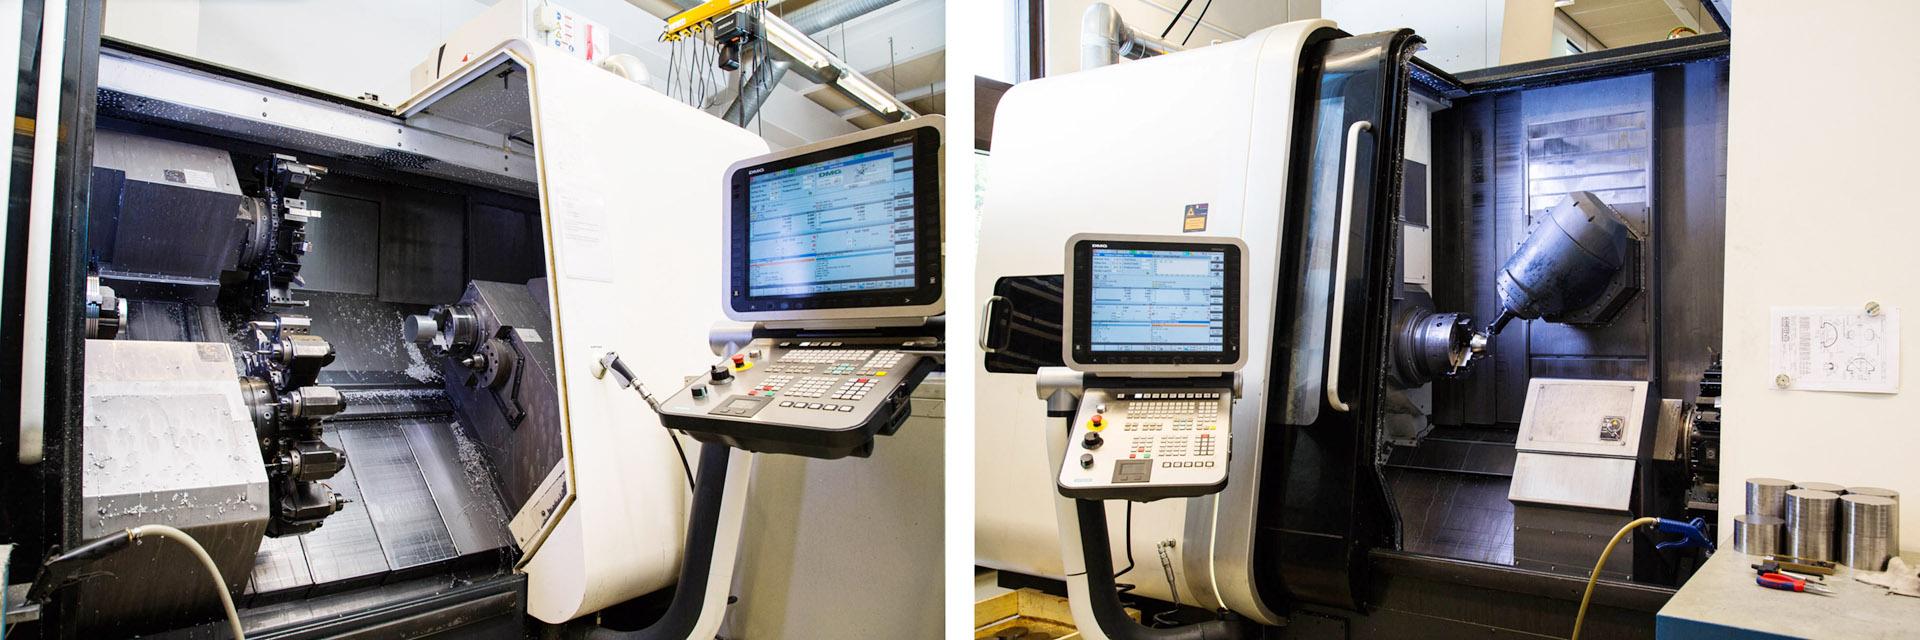 Tuotantomme koostuu uusimmista pysty- ja vaakakaraisista koneistuskeskuksista, tankoautomaatti/makasiini NC-sorveista, istukka NC-sorveista, NC-jyrsinkoneista, manuaalisorveista sekä muista koneista ja laitteista hitsauksessa, kokoonpanossa ja testauksessa.